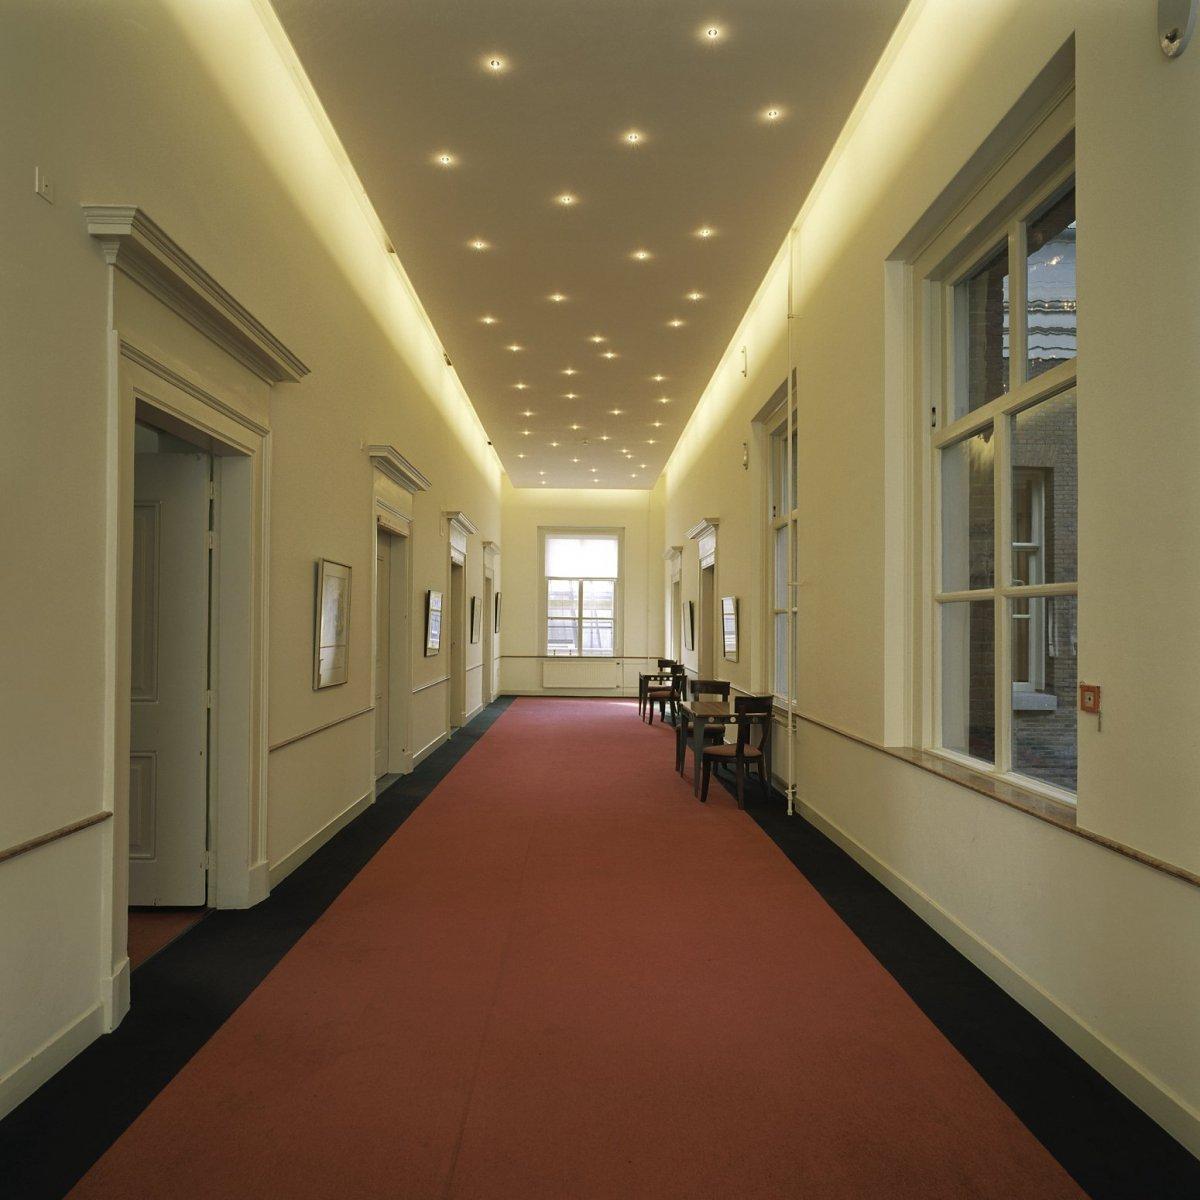 file interieur kelder overzicht gang met verlichting aan